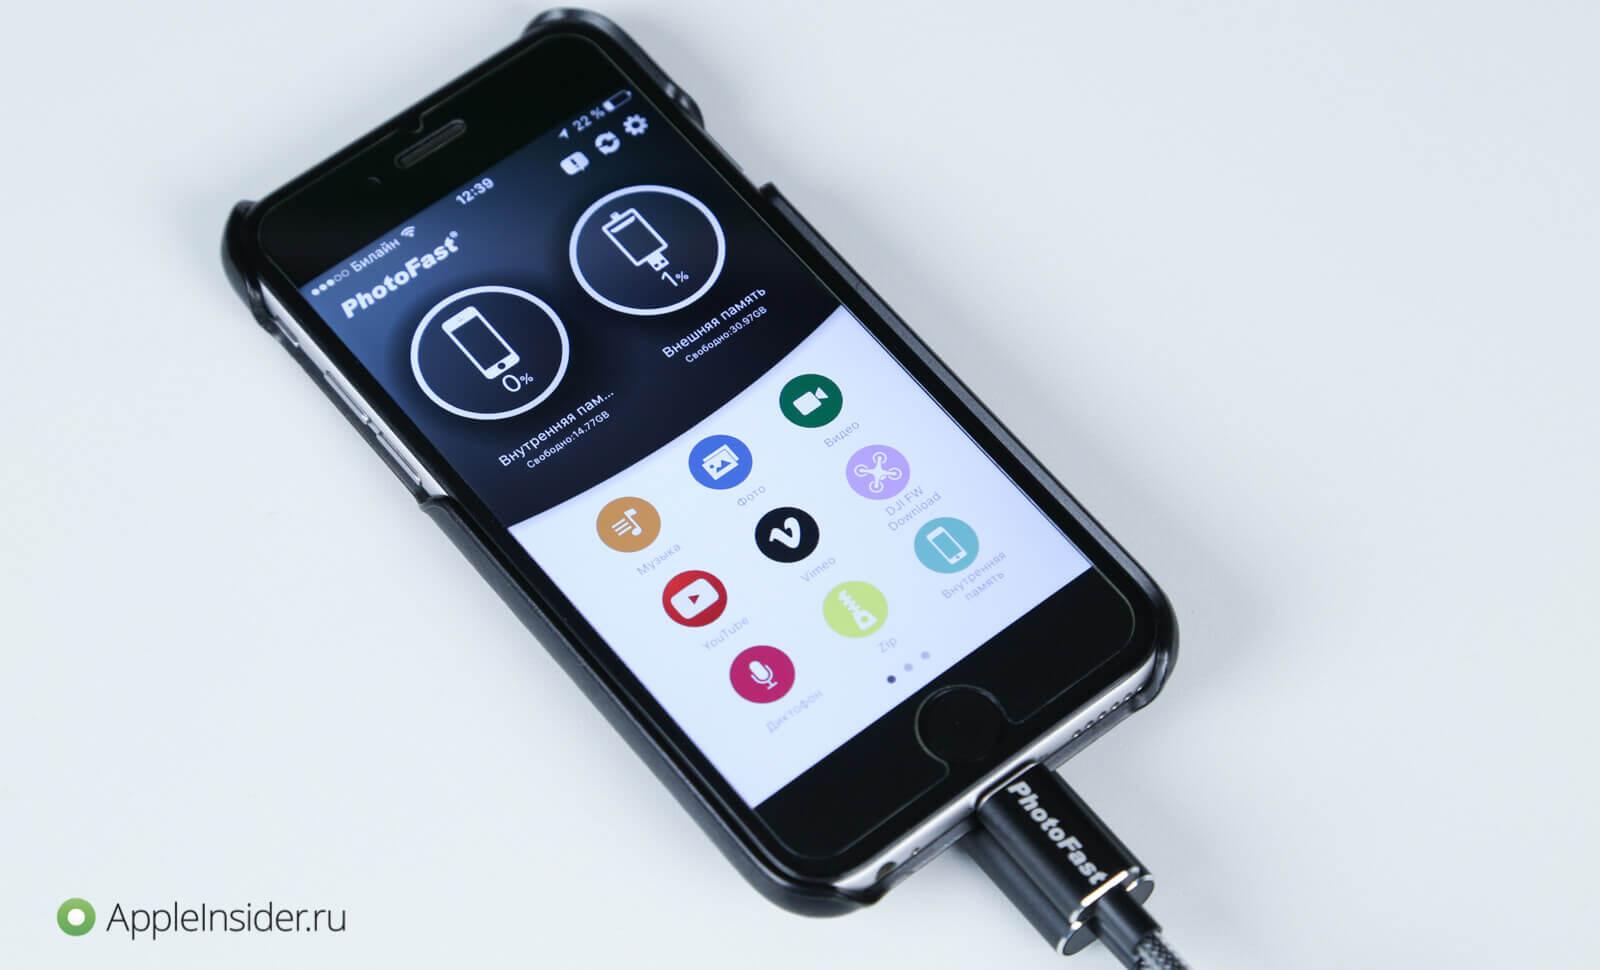 Уже не мечта: зарядный кабель и накопитель для iPhone в одном флаконе